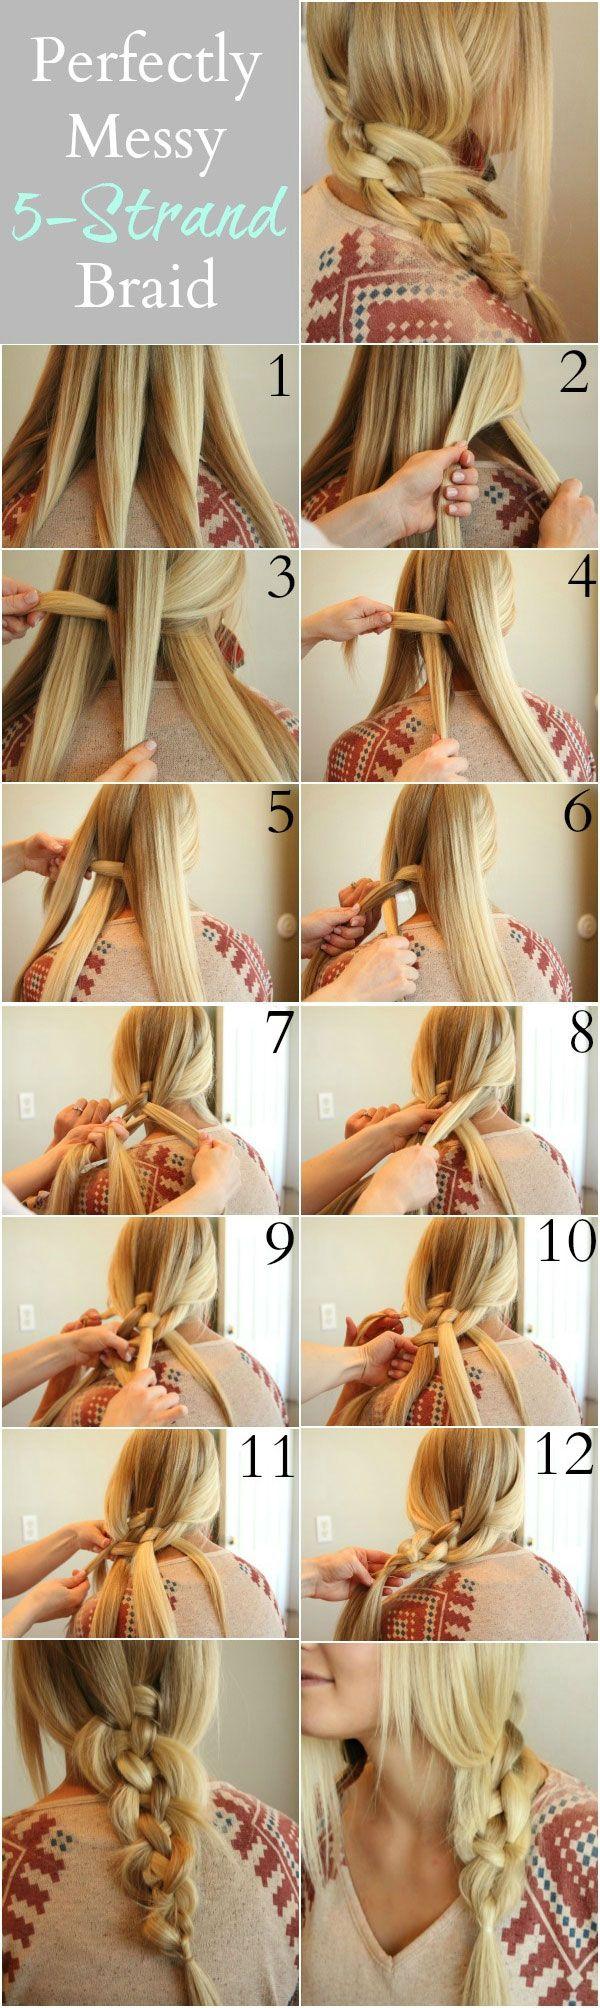 Easy Five Strand Braid Tutorial - Step By step